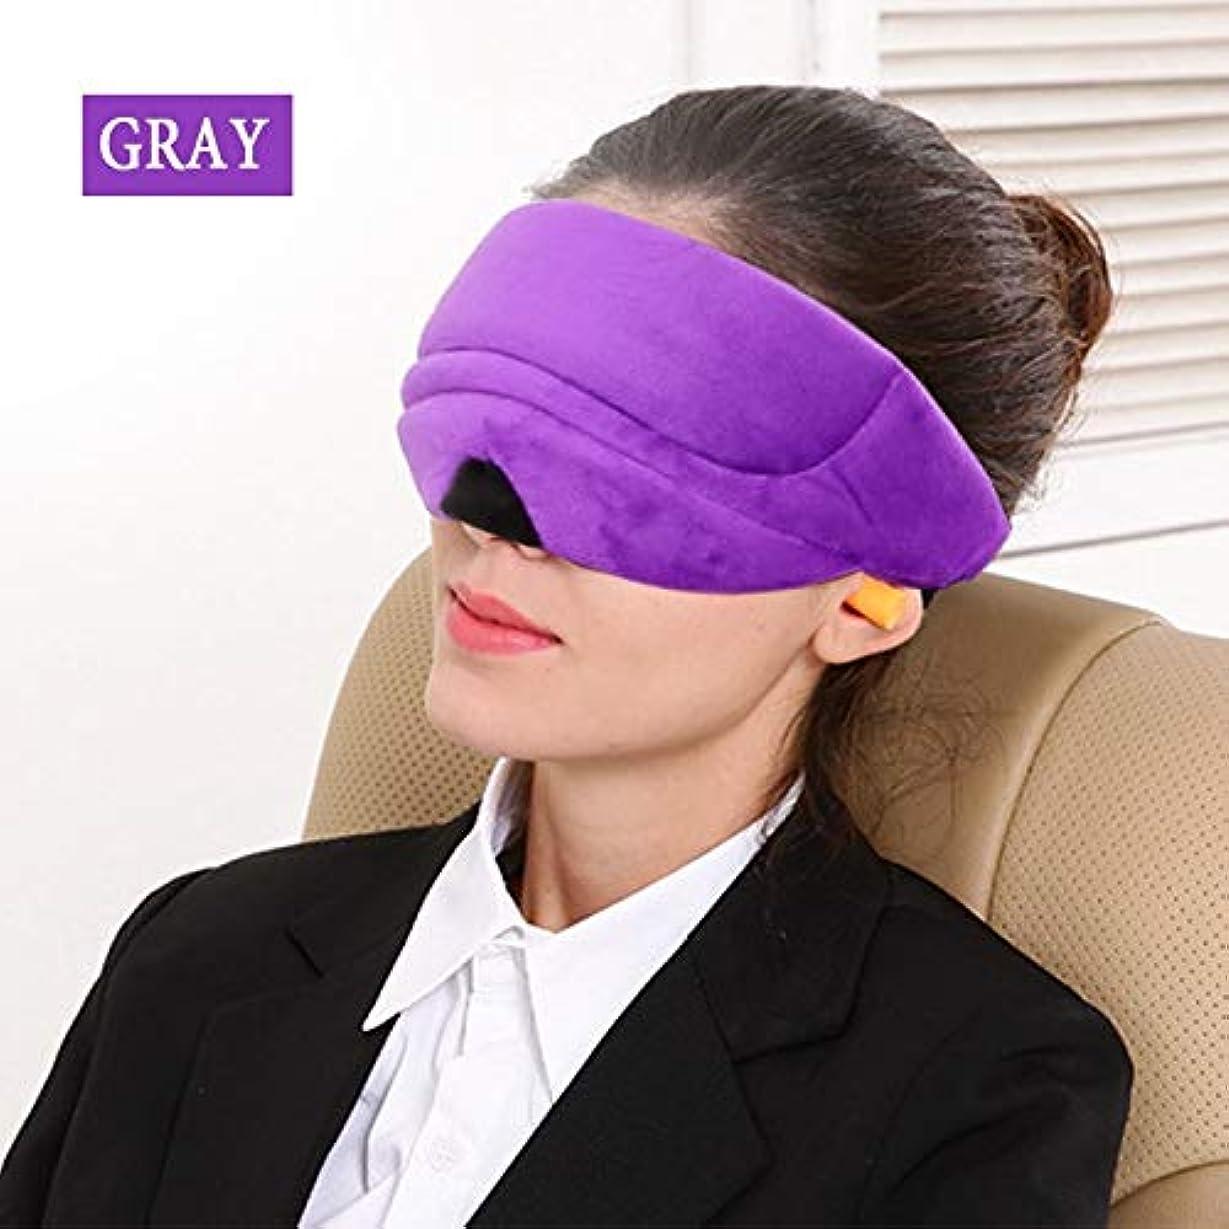 急流失礼スカープNOTE 快適な3 d睡眠アイマスク目隠し付き耳旅行日陰睡眠補助カバーソフトポータブル女性男性アイパッチ